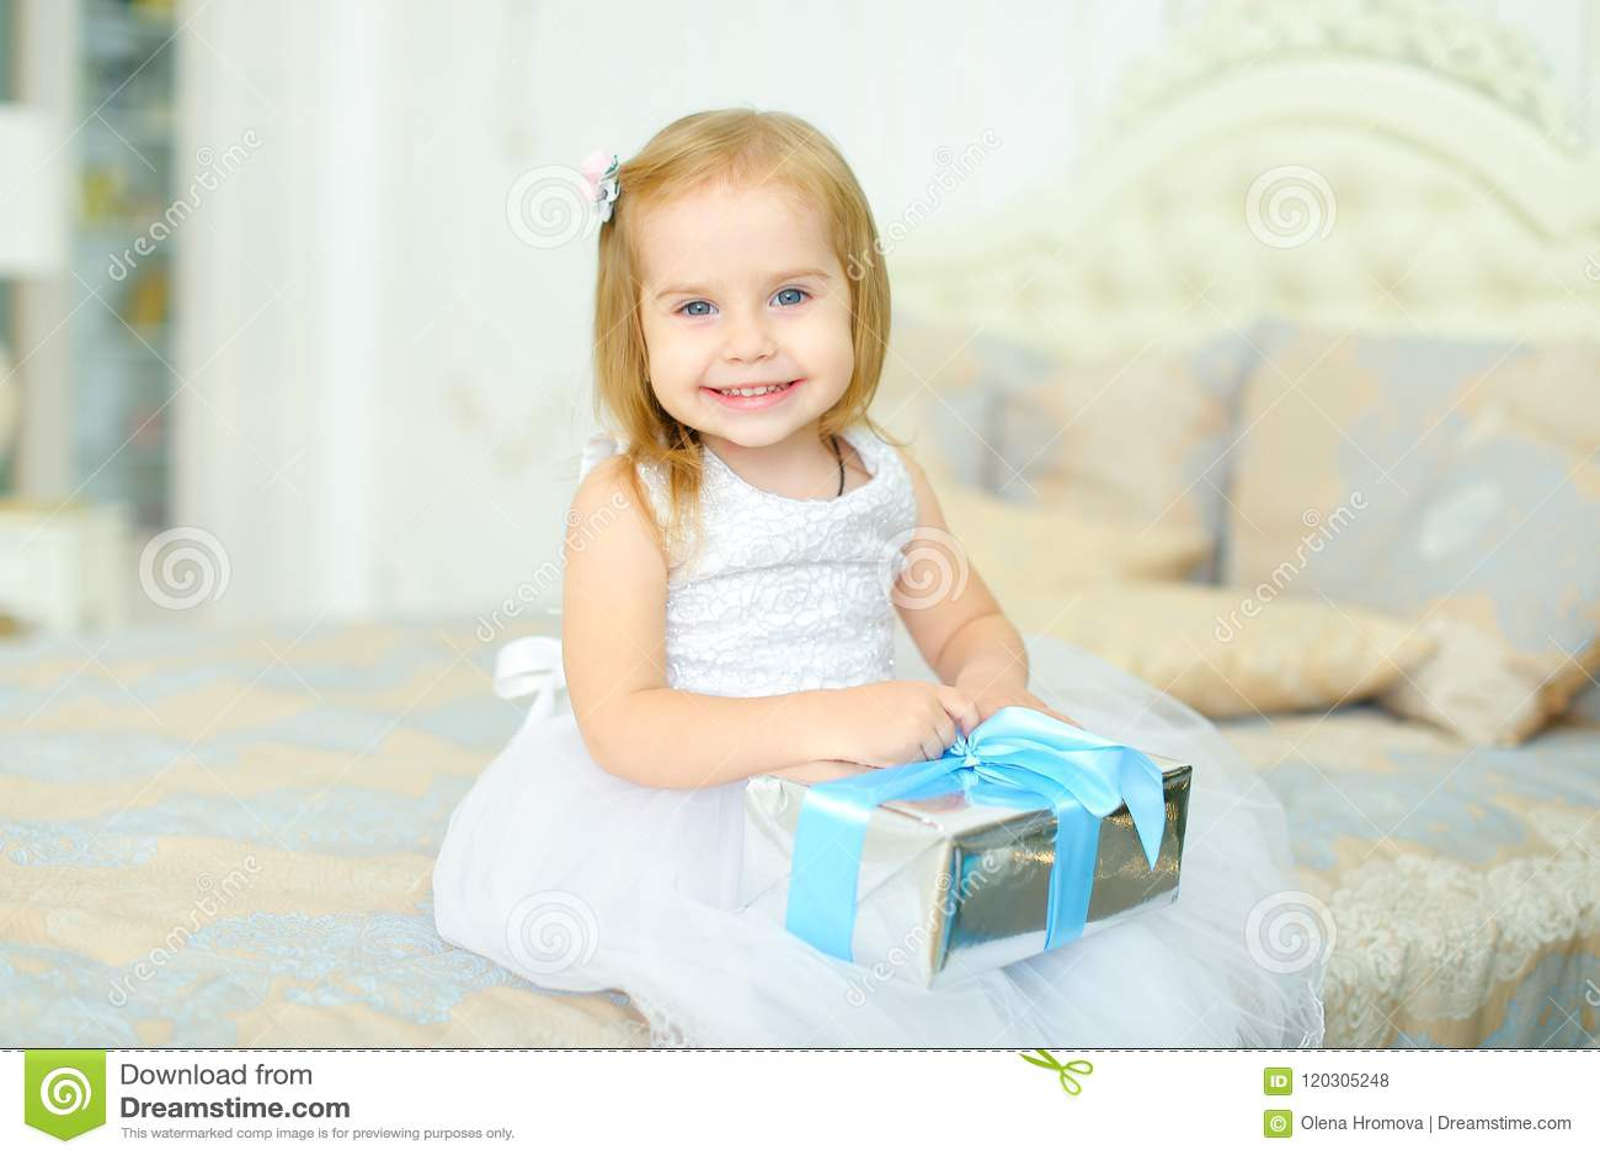 Małej dziewczynki obsiadanie na łóżku z teraźniejszą i jest ubranym biel suknią